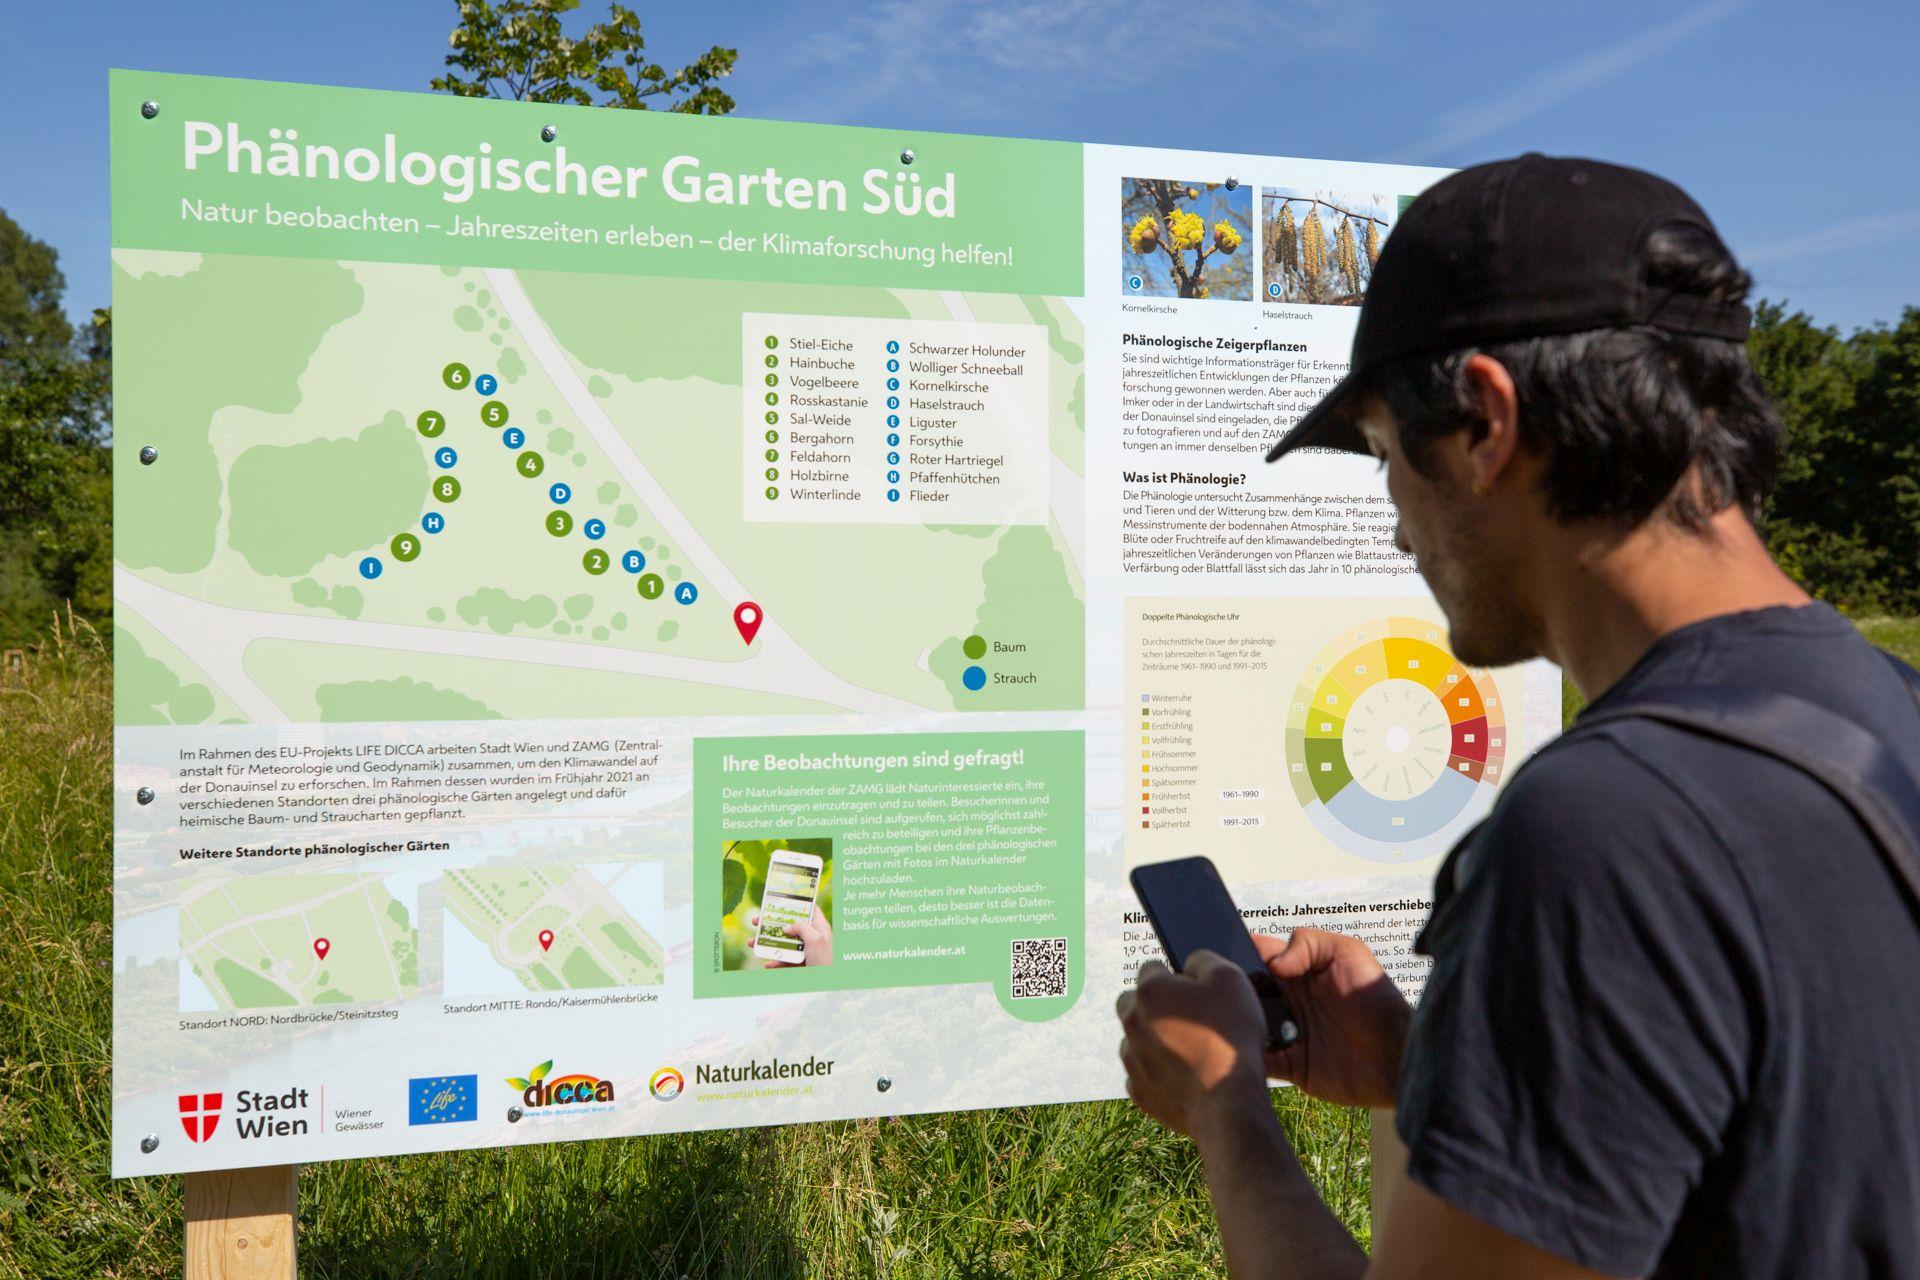 Klima-Gärten auf der Donauinsel im Kampf gegen den Klimawandel Bild: Reiterer/enjoythesoup.